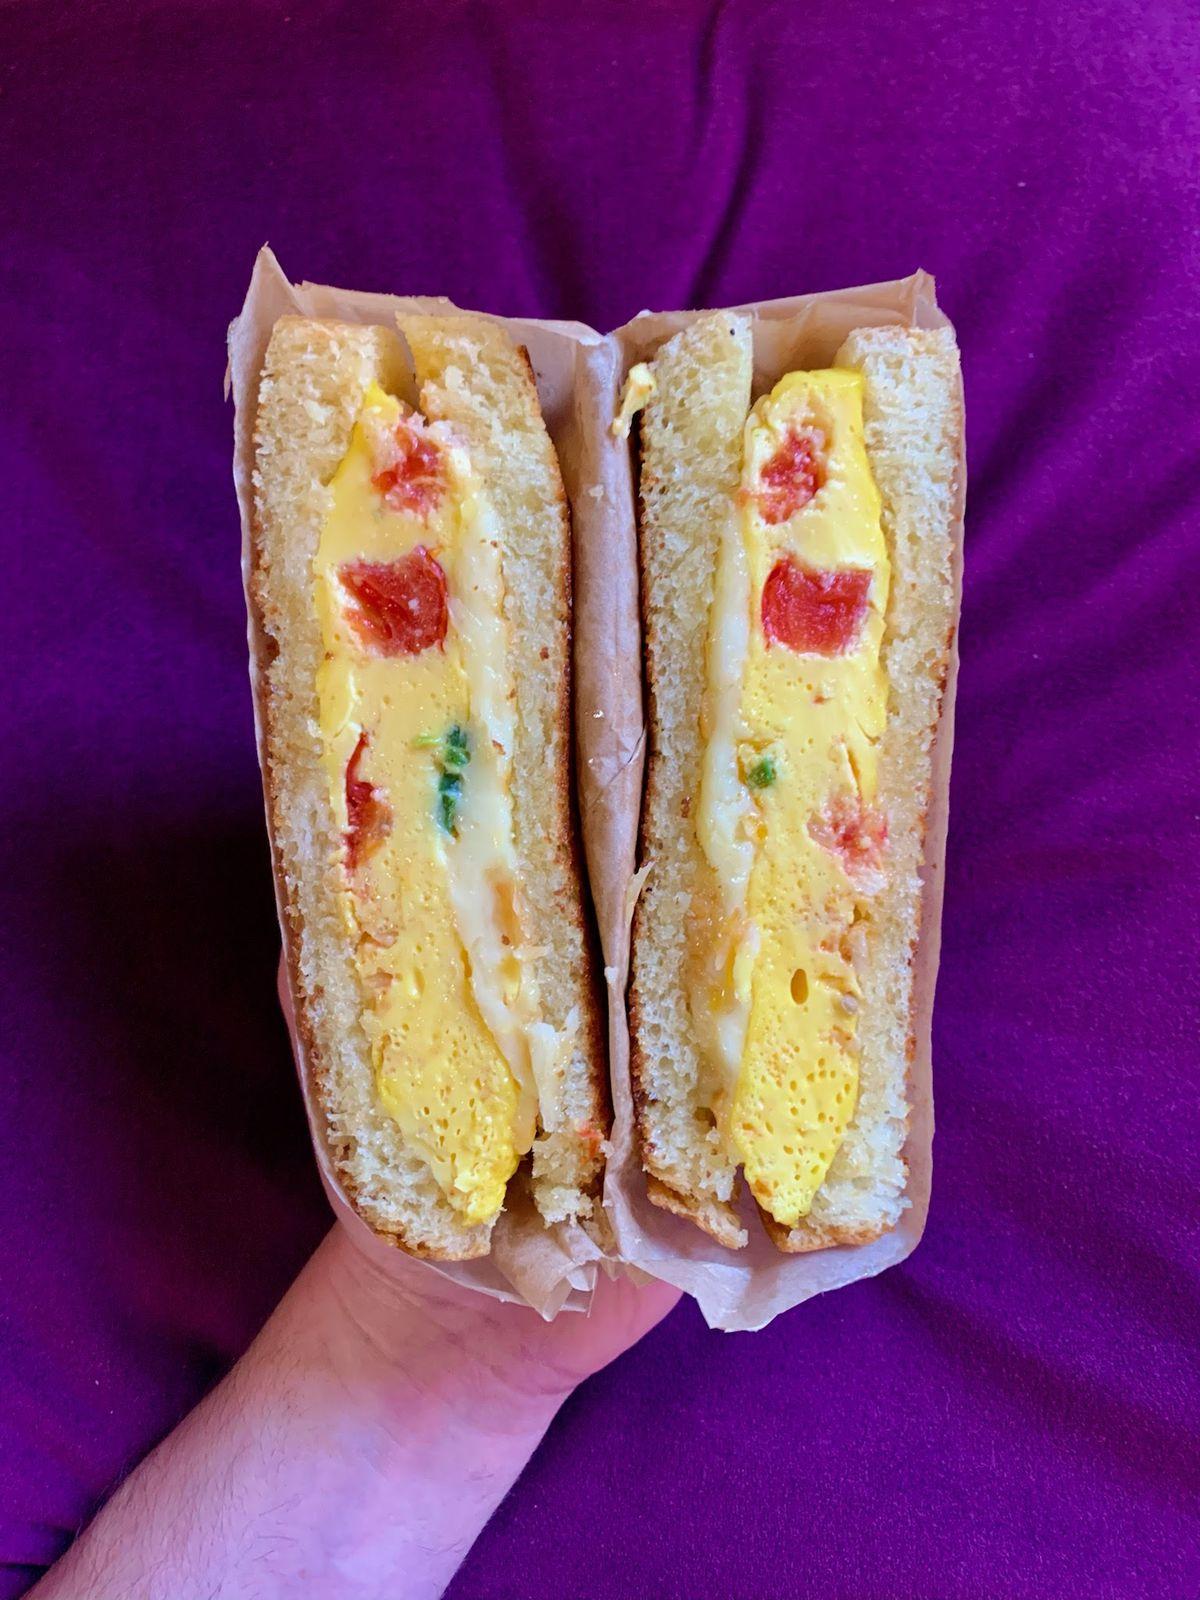 An egg breakfast sandwich held in front of a purple sheet